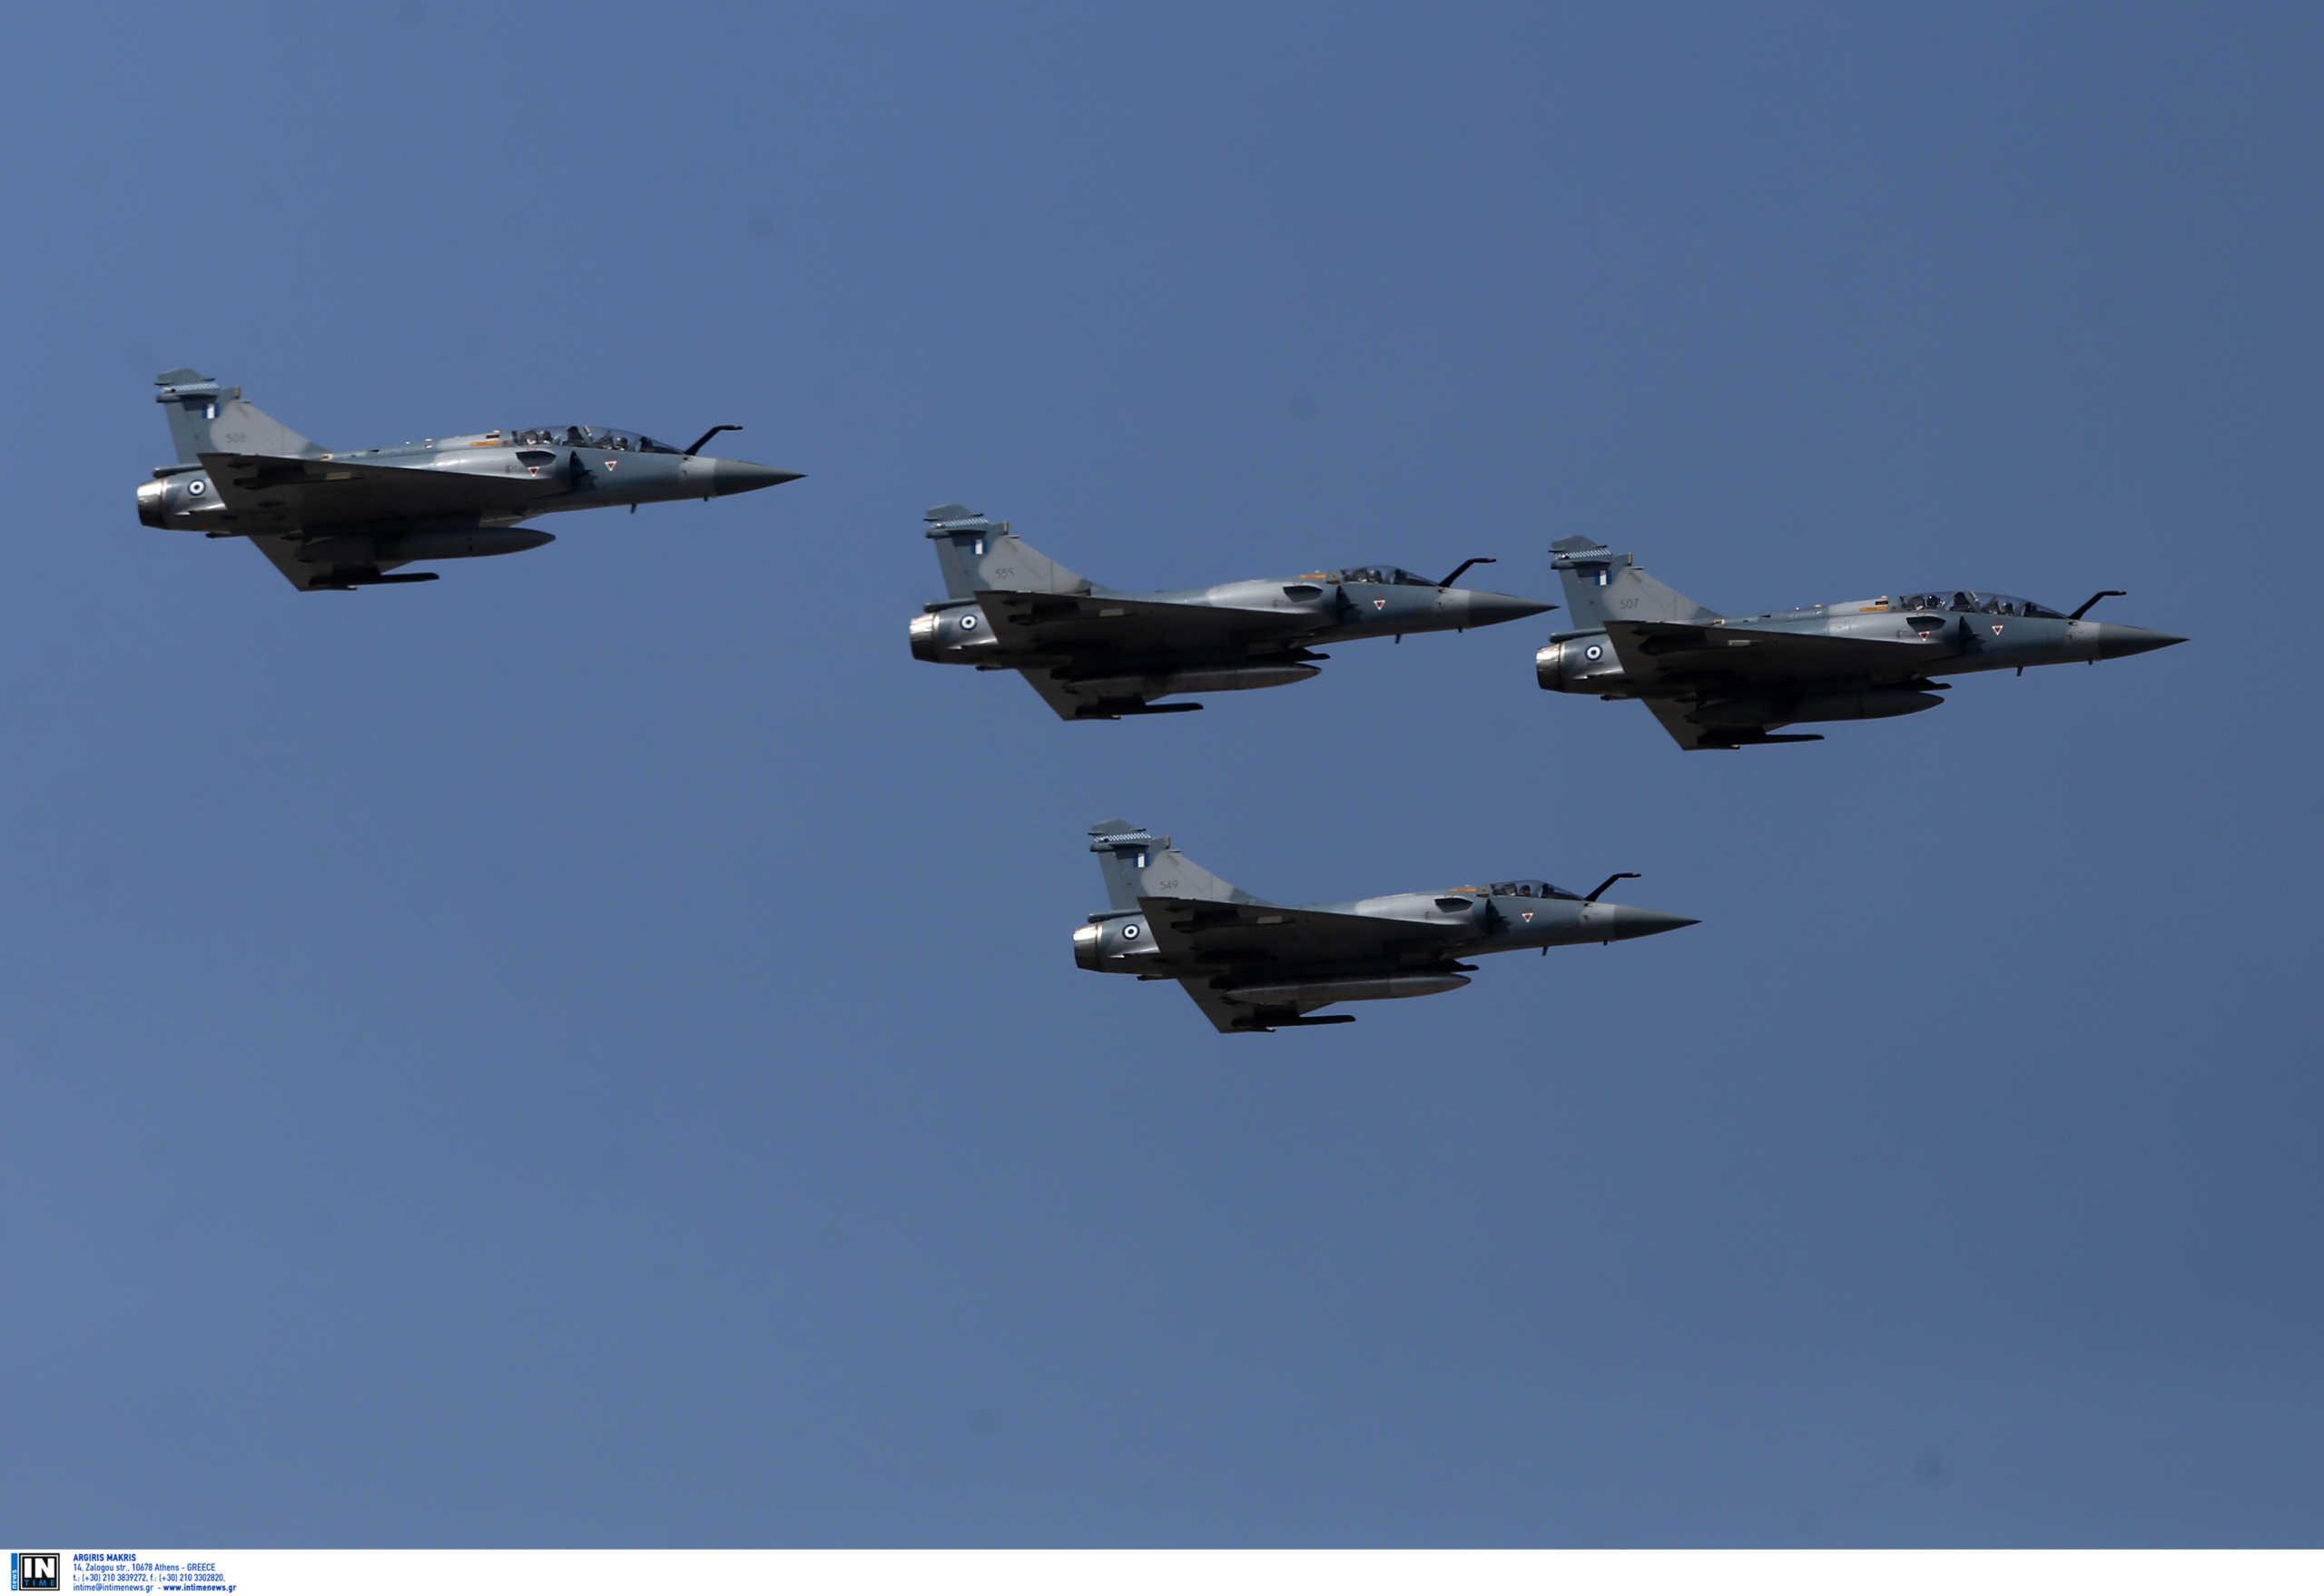 Οι πιλότοι μας έδωσαν φωνή στην βουβή 25η Μαρτίου - Μαχητικά πέταξαν σε κάθε γωνιά της Ελλάδας